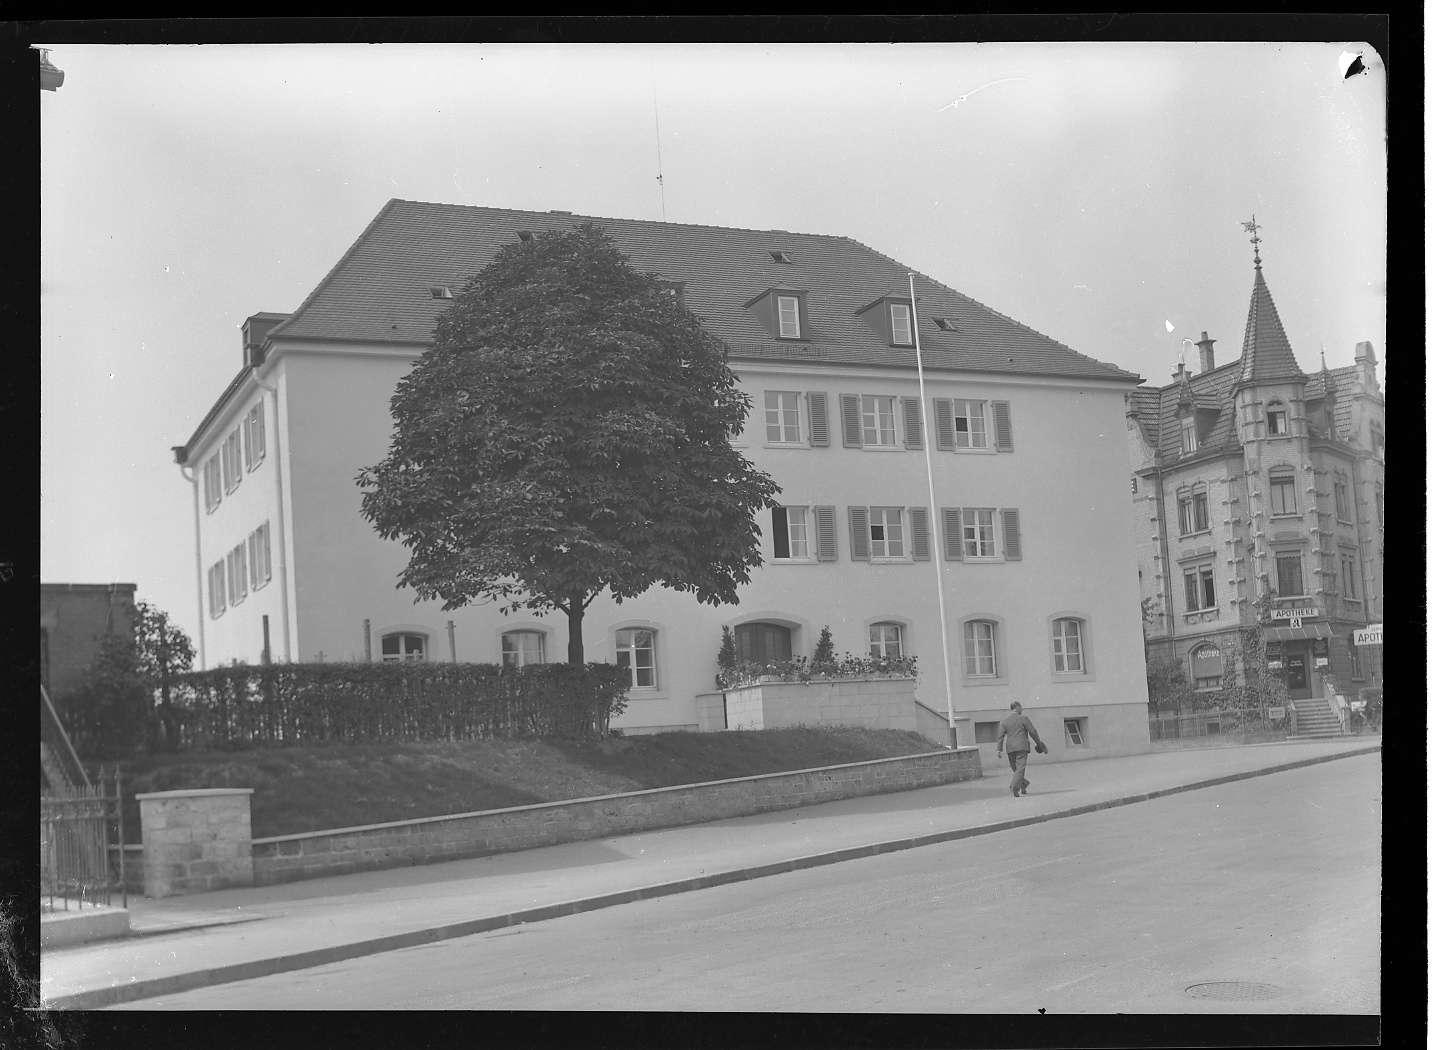 Friedrichshafen, Ledigenheim (alt), (Aussen- und Innenaufnahmen), Abb. a